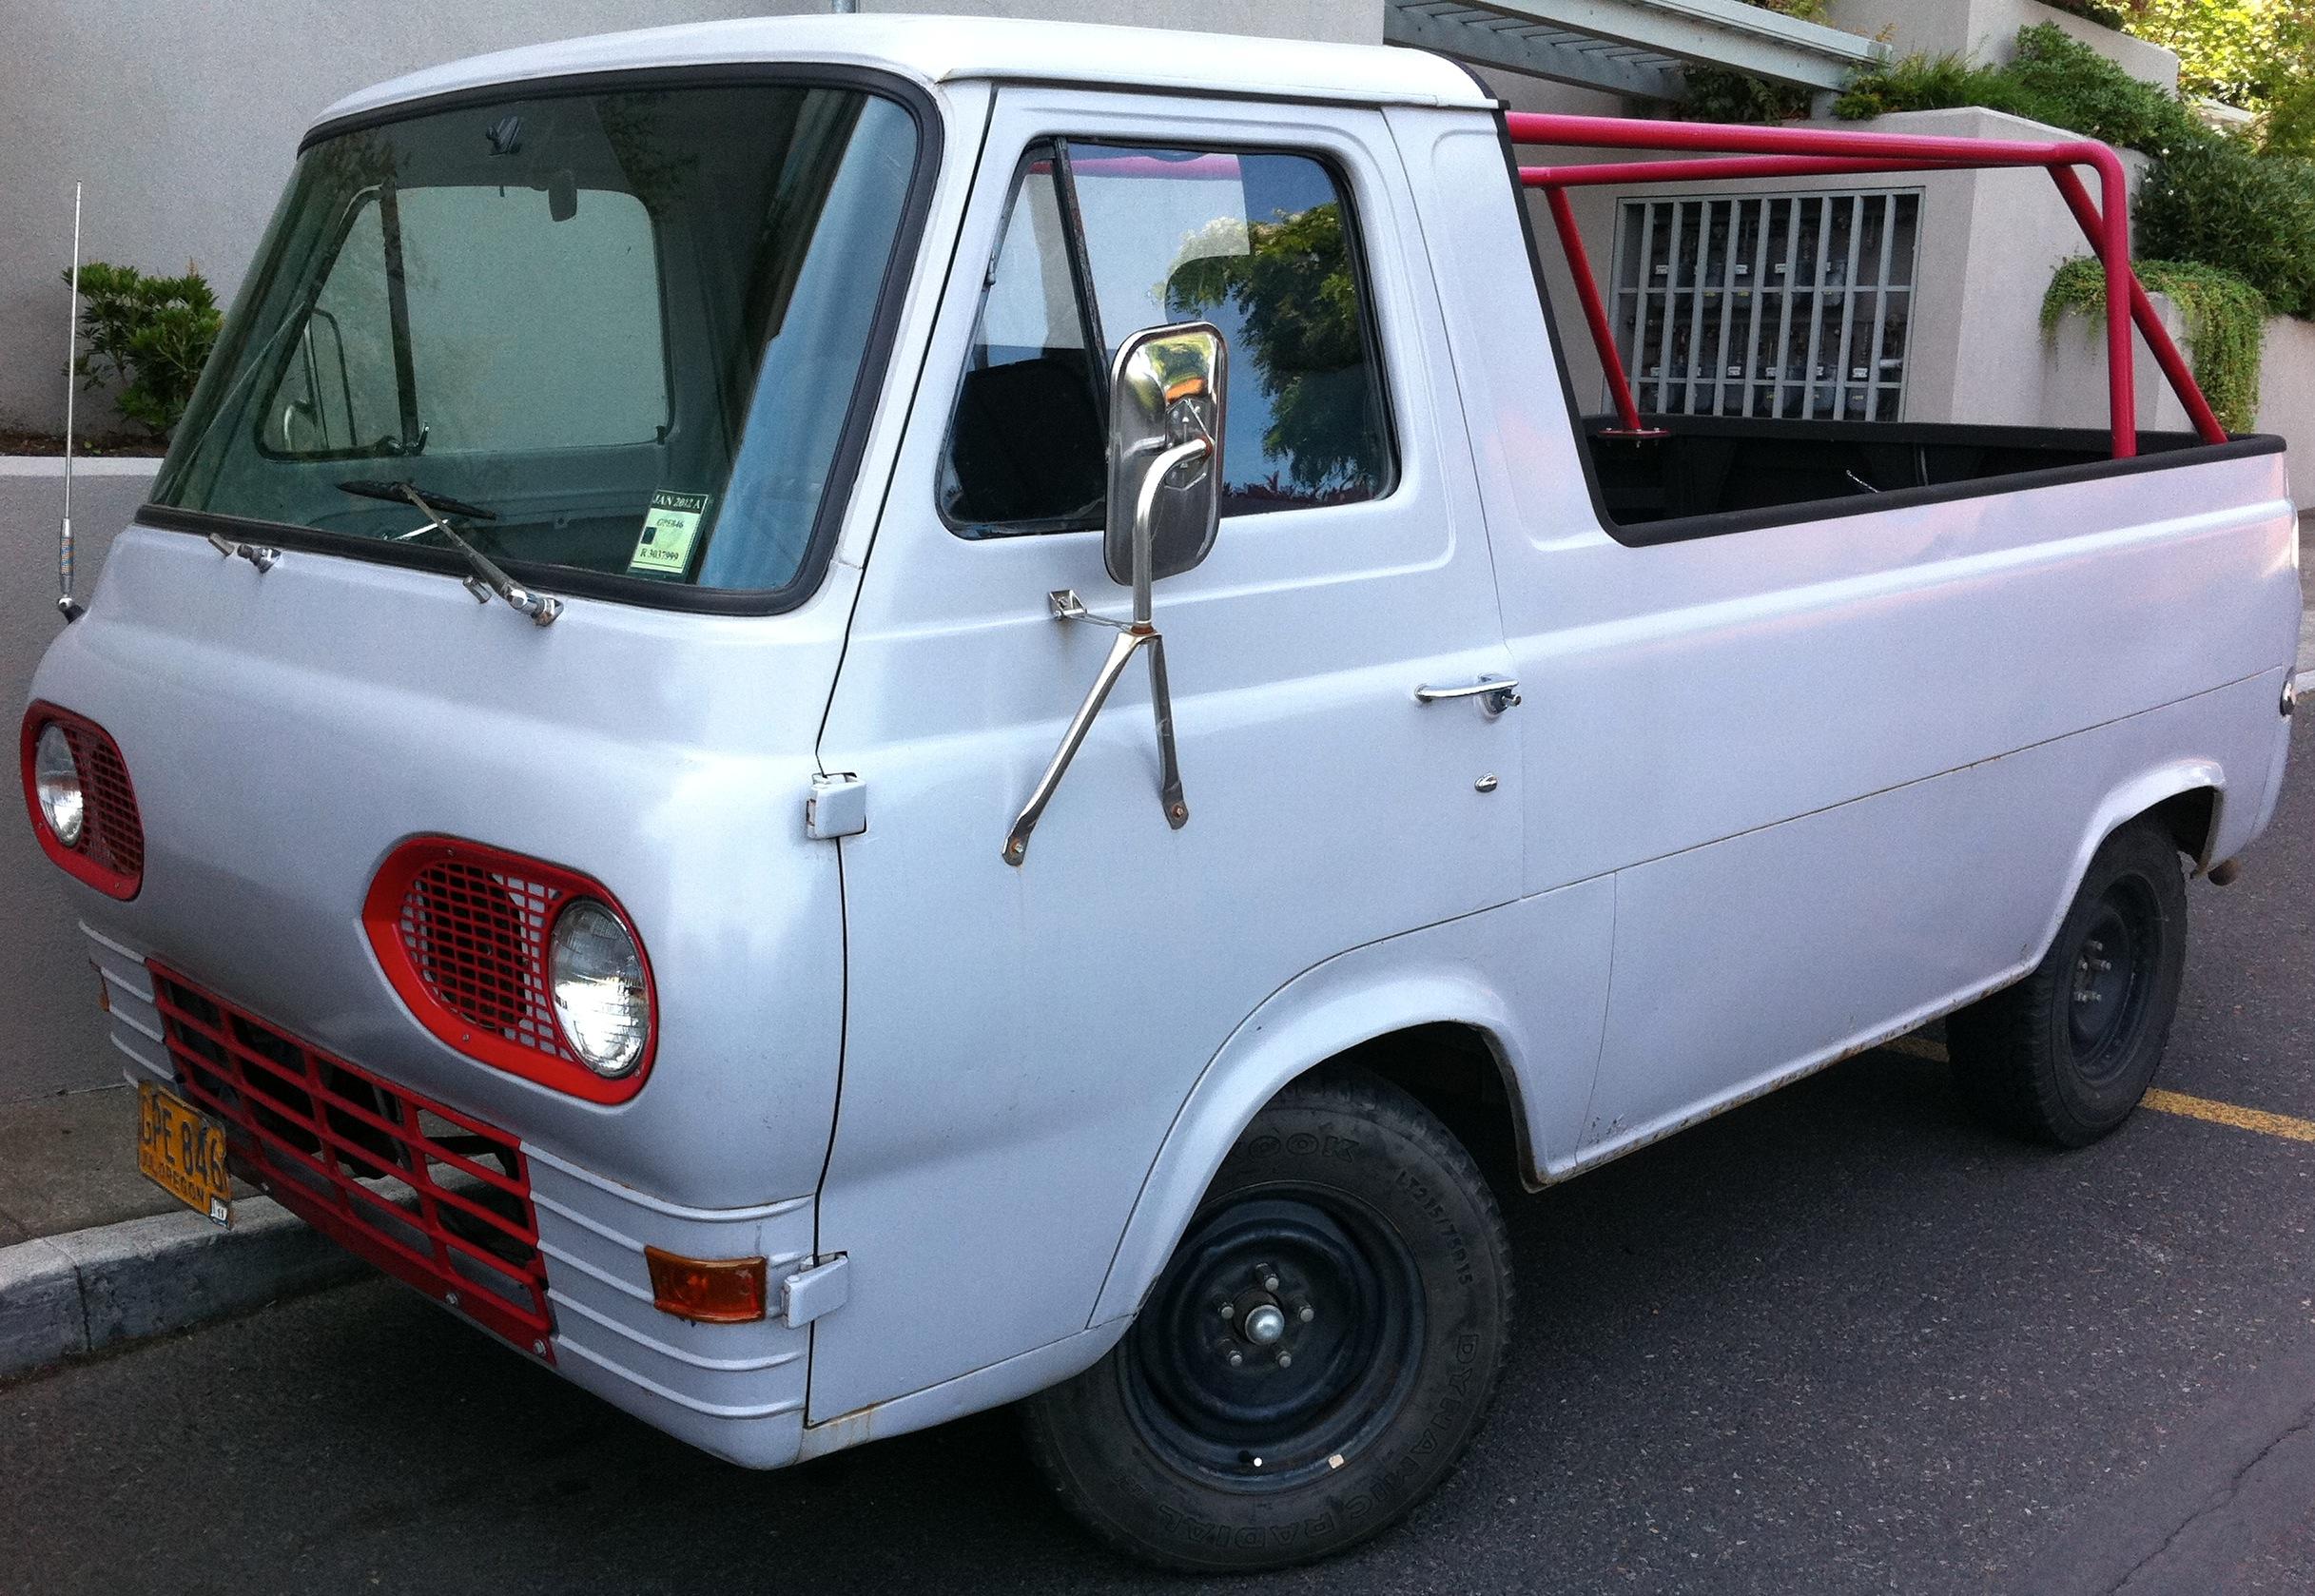 Pickup For Sale: Econoline Pickup For Sale Craigslist